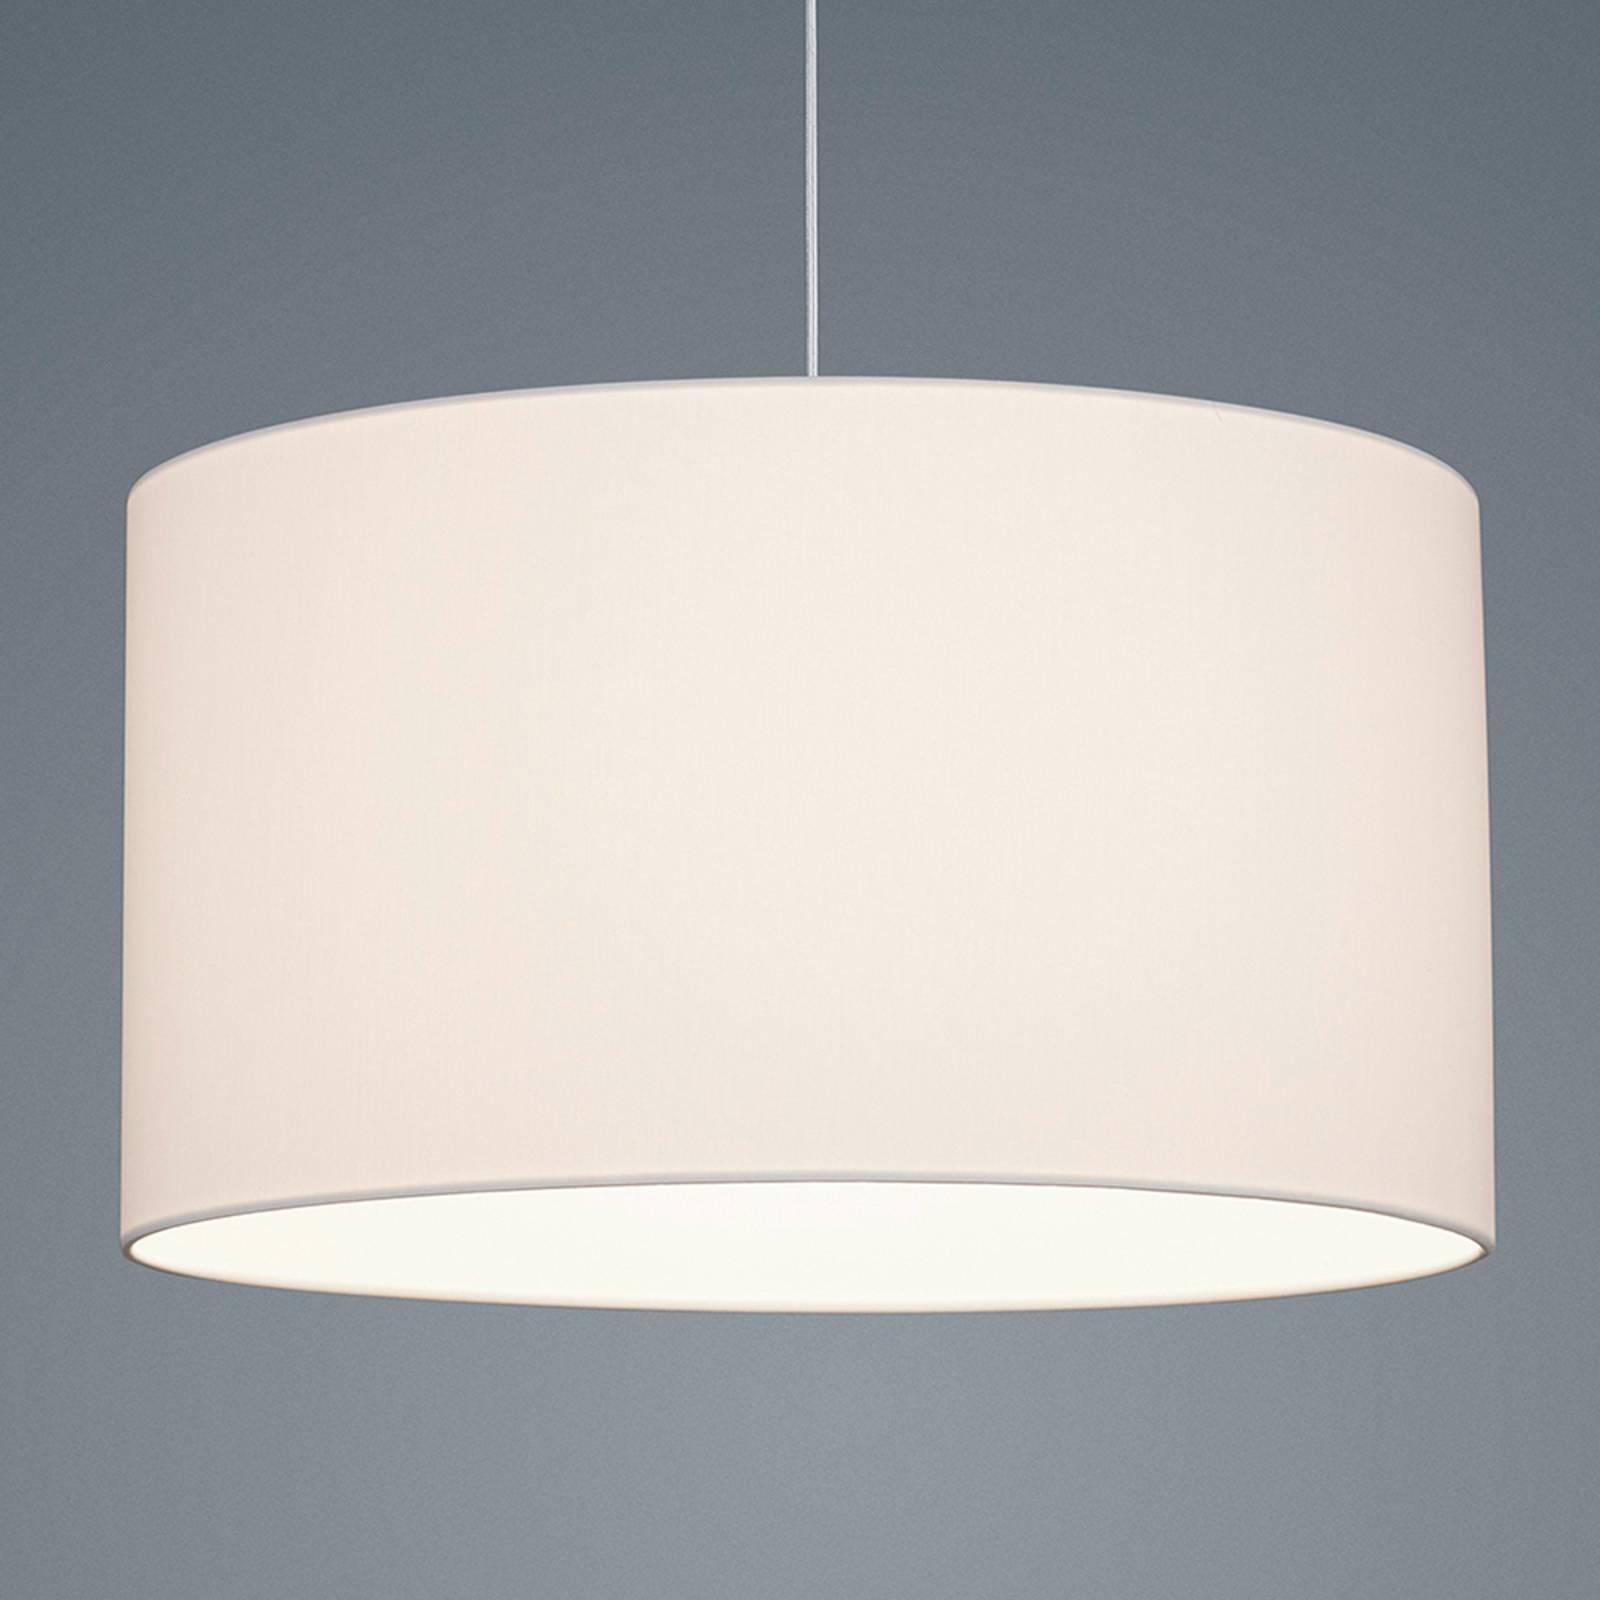 Helestra Certo -riippuvalo 1-lamp. valkoinen